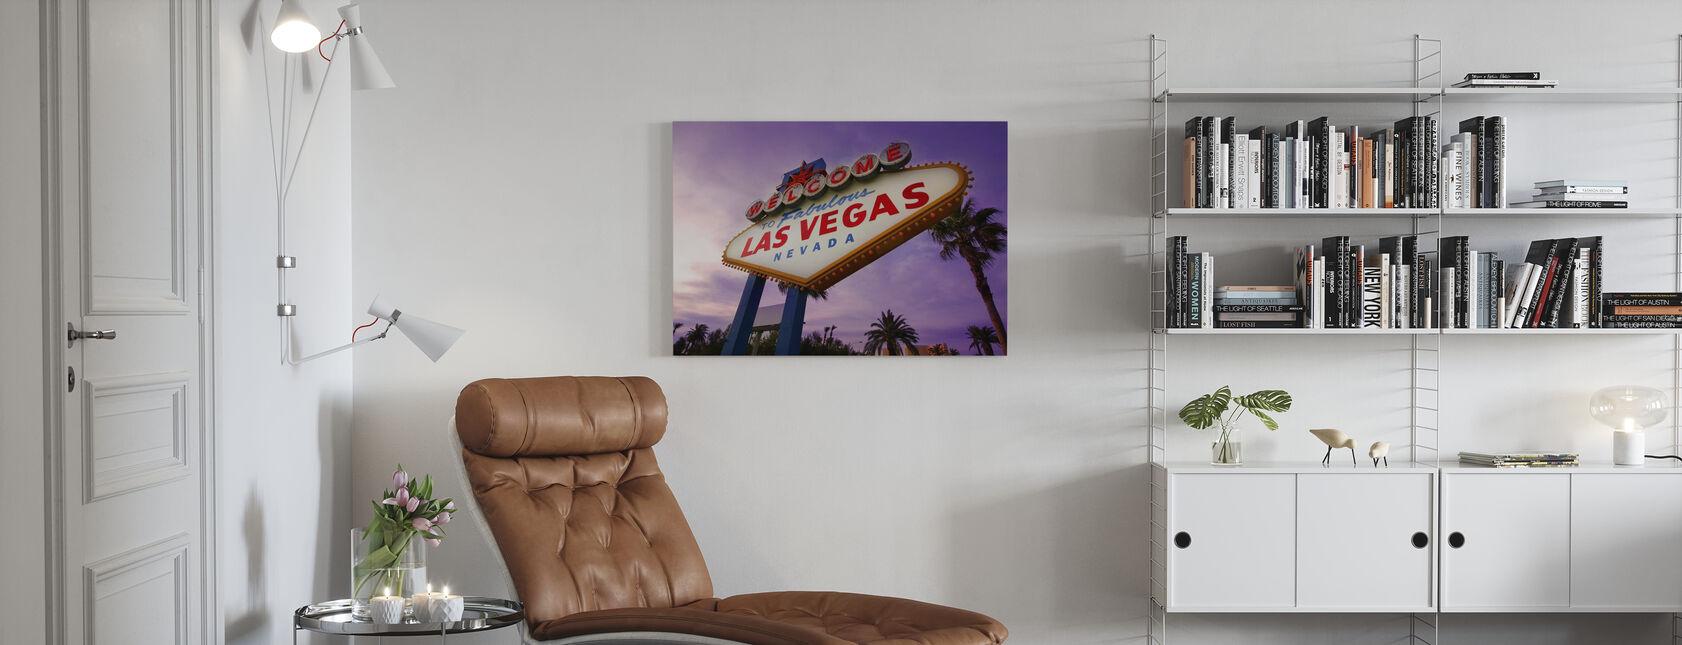 Enseigne Las Vegas - Impression sur toile - Salle à manger